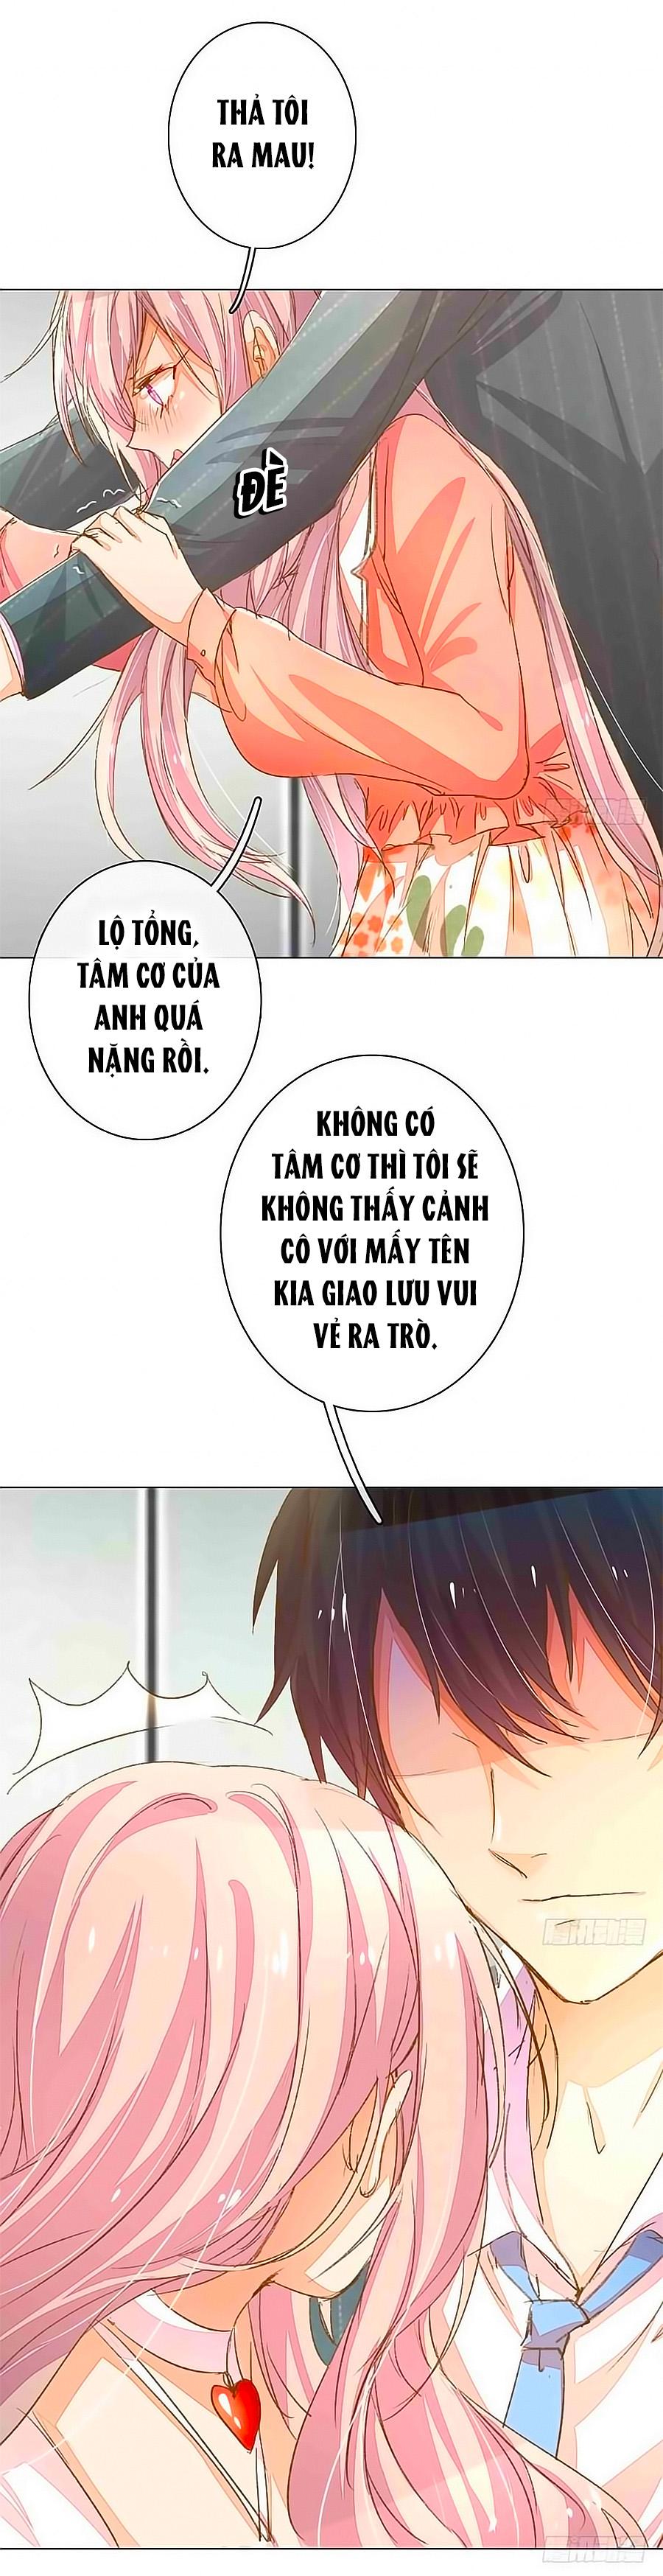 Hào Môn Tiểu Lãn Thê - Chap 50